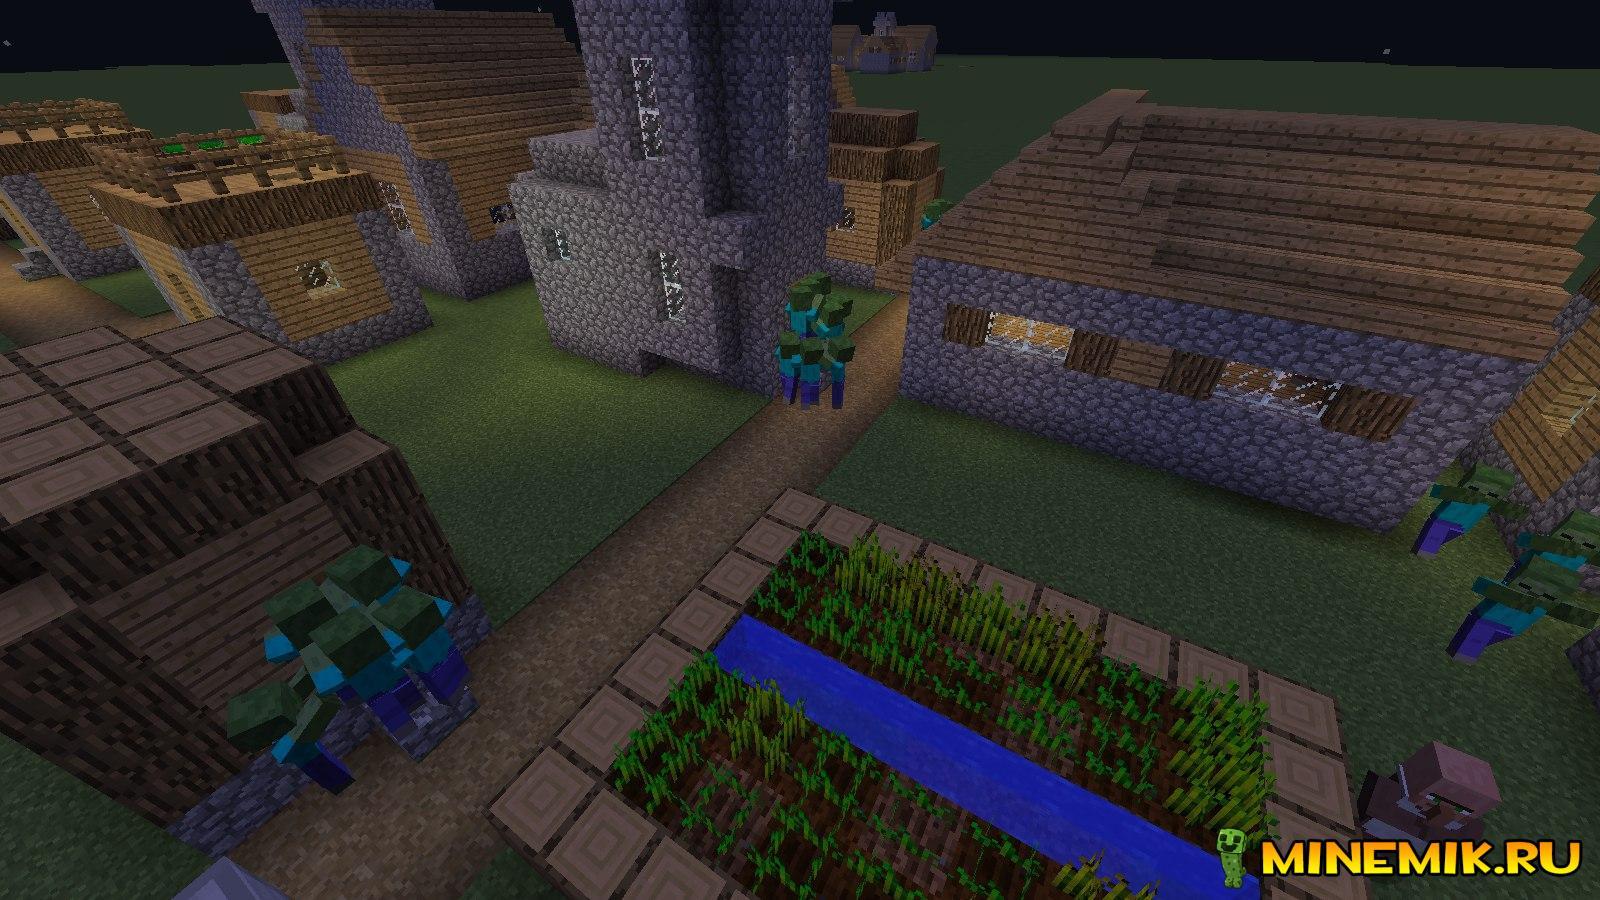 Релиз Minecraft PE 0.16.0 перенесен! Новая дата релиза...